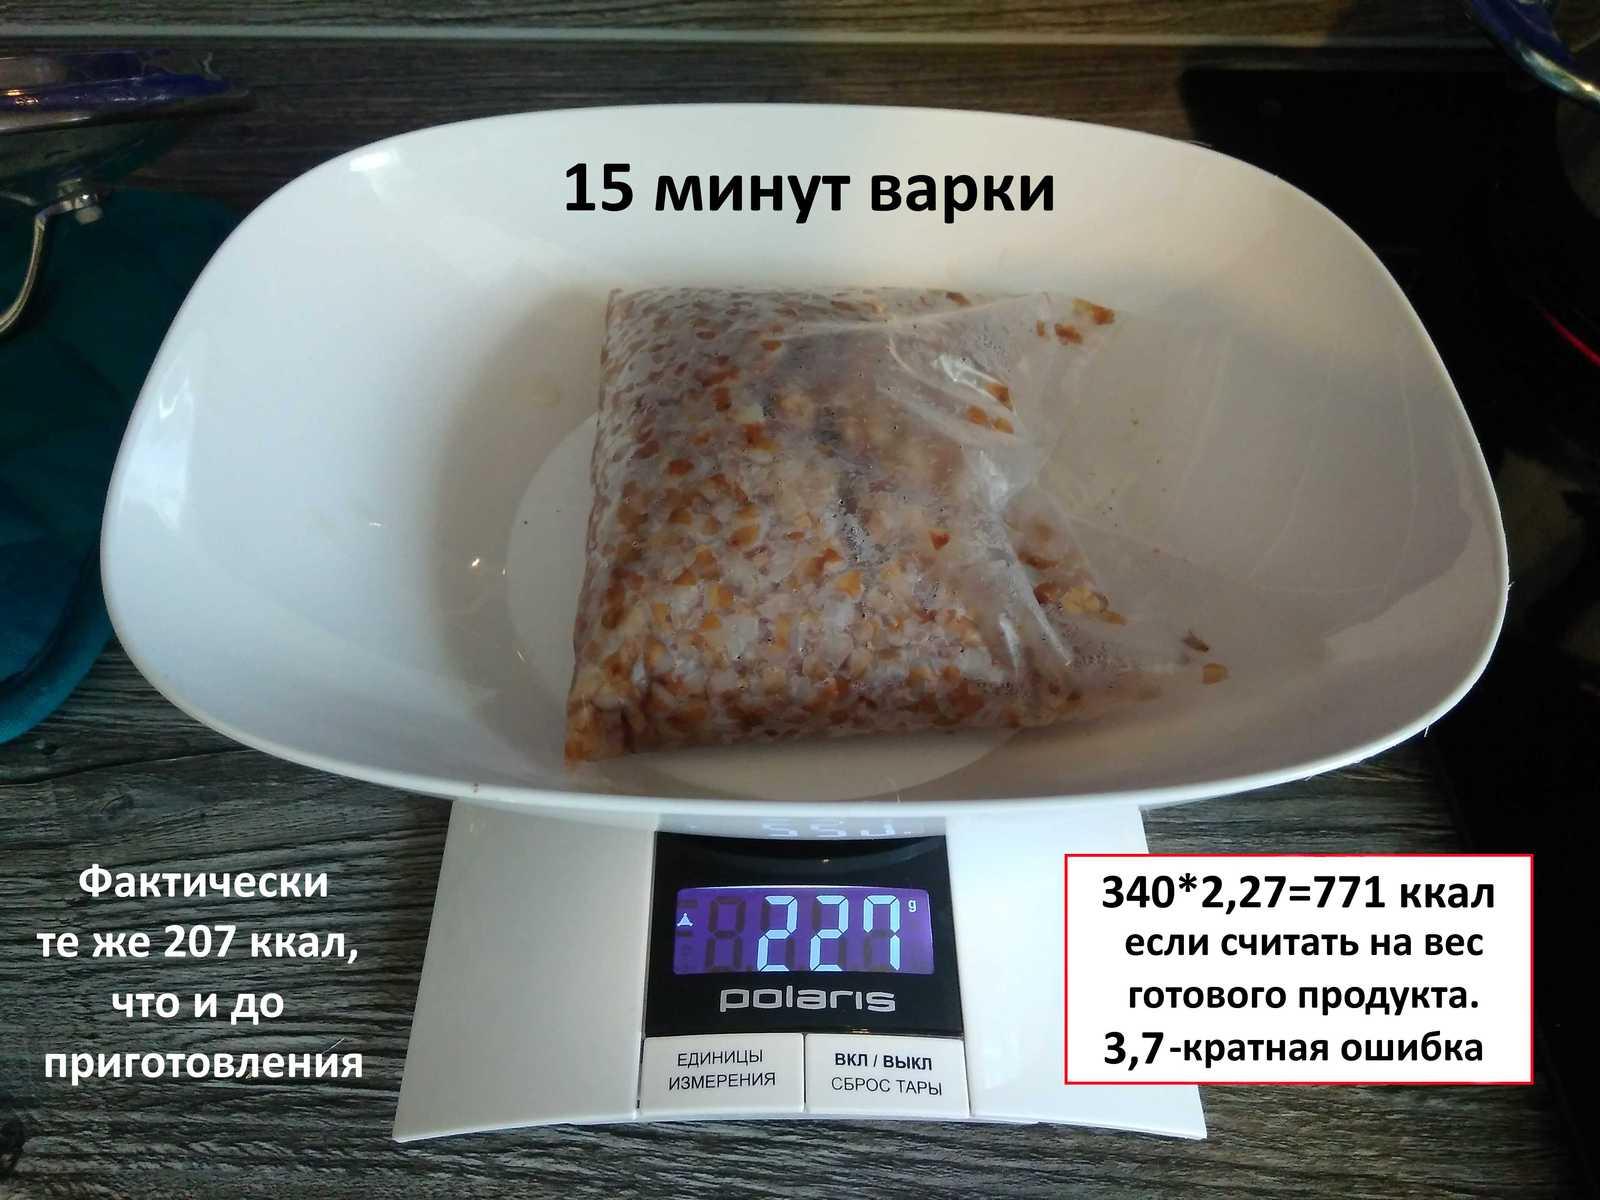 Учимся правильно считать калории в еде